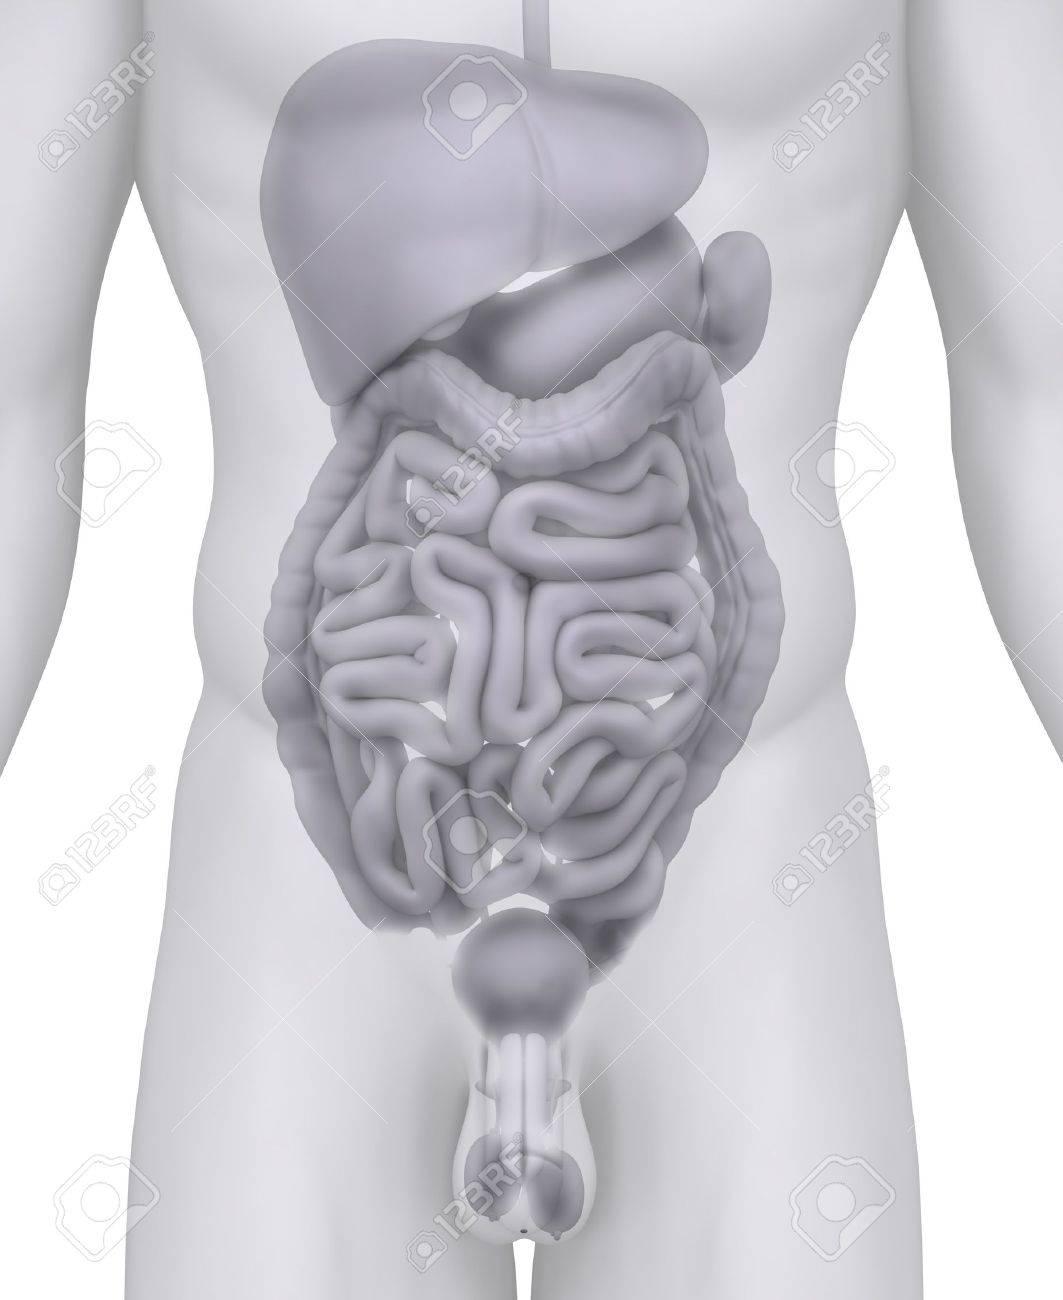 Ilustración De La Anatomía De órganos Abdominales Masculinos En ...